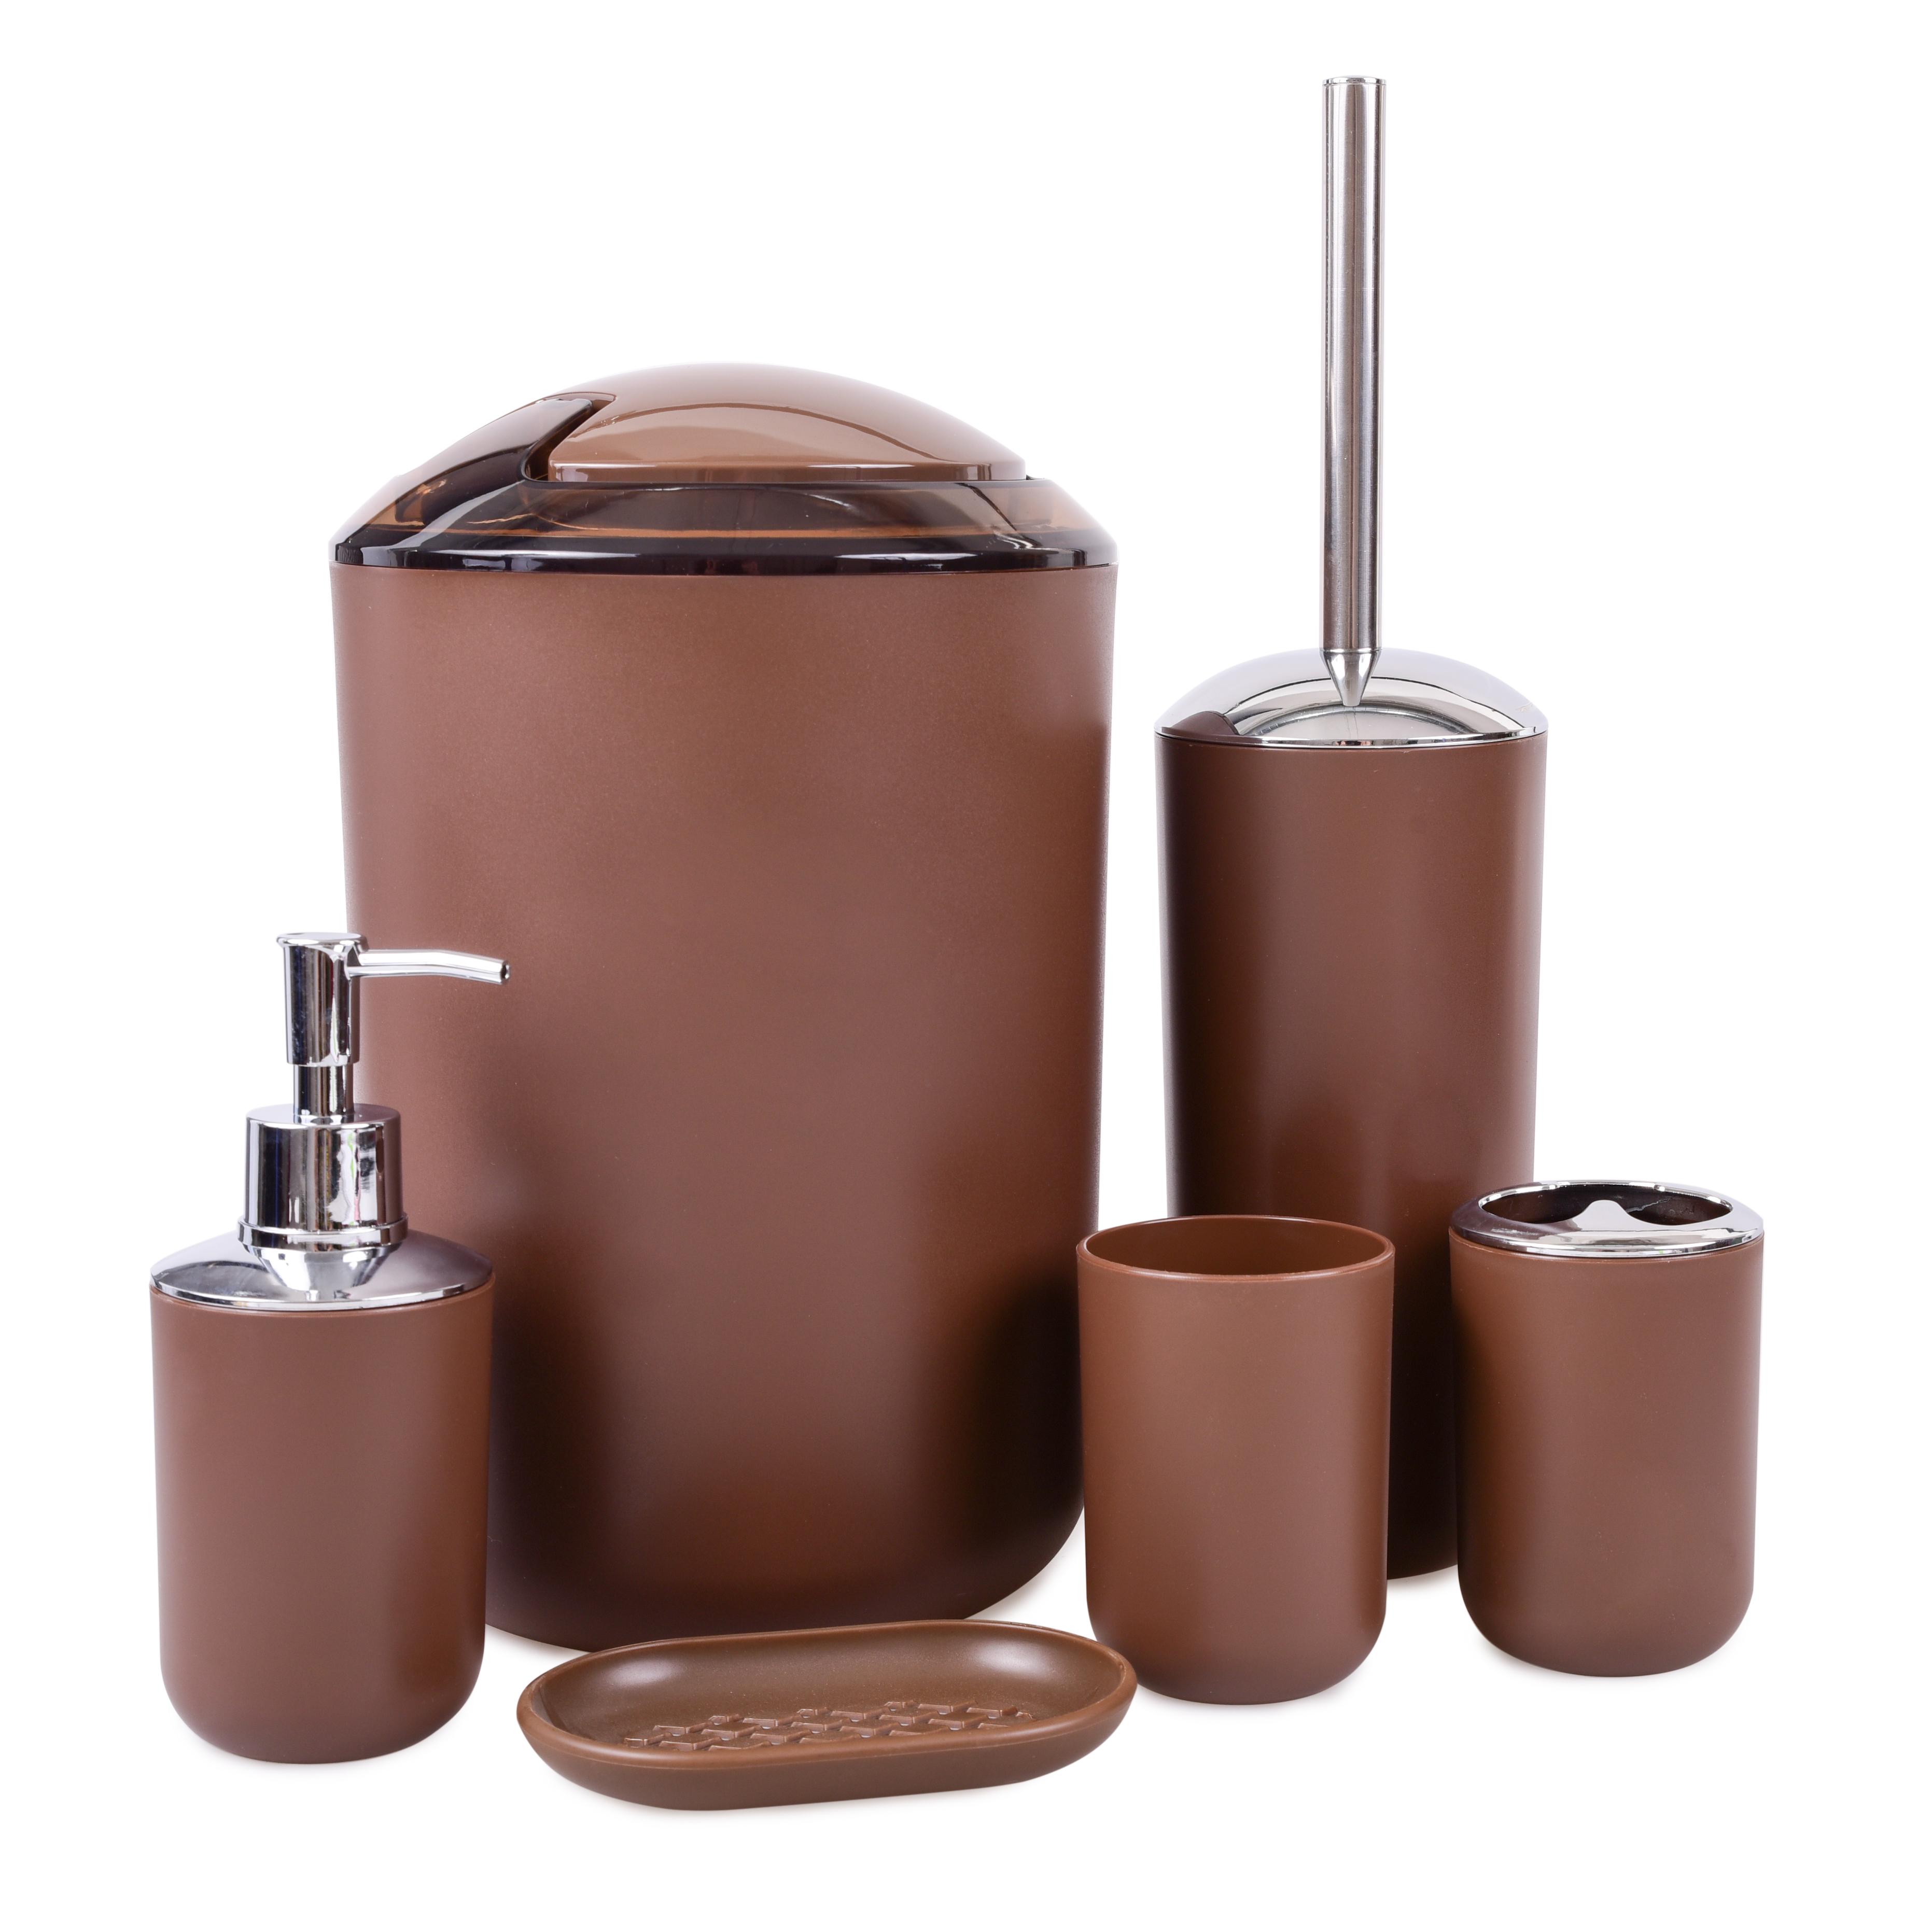 6 dílný koupelnový set čokoládový